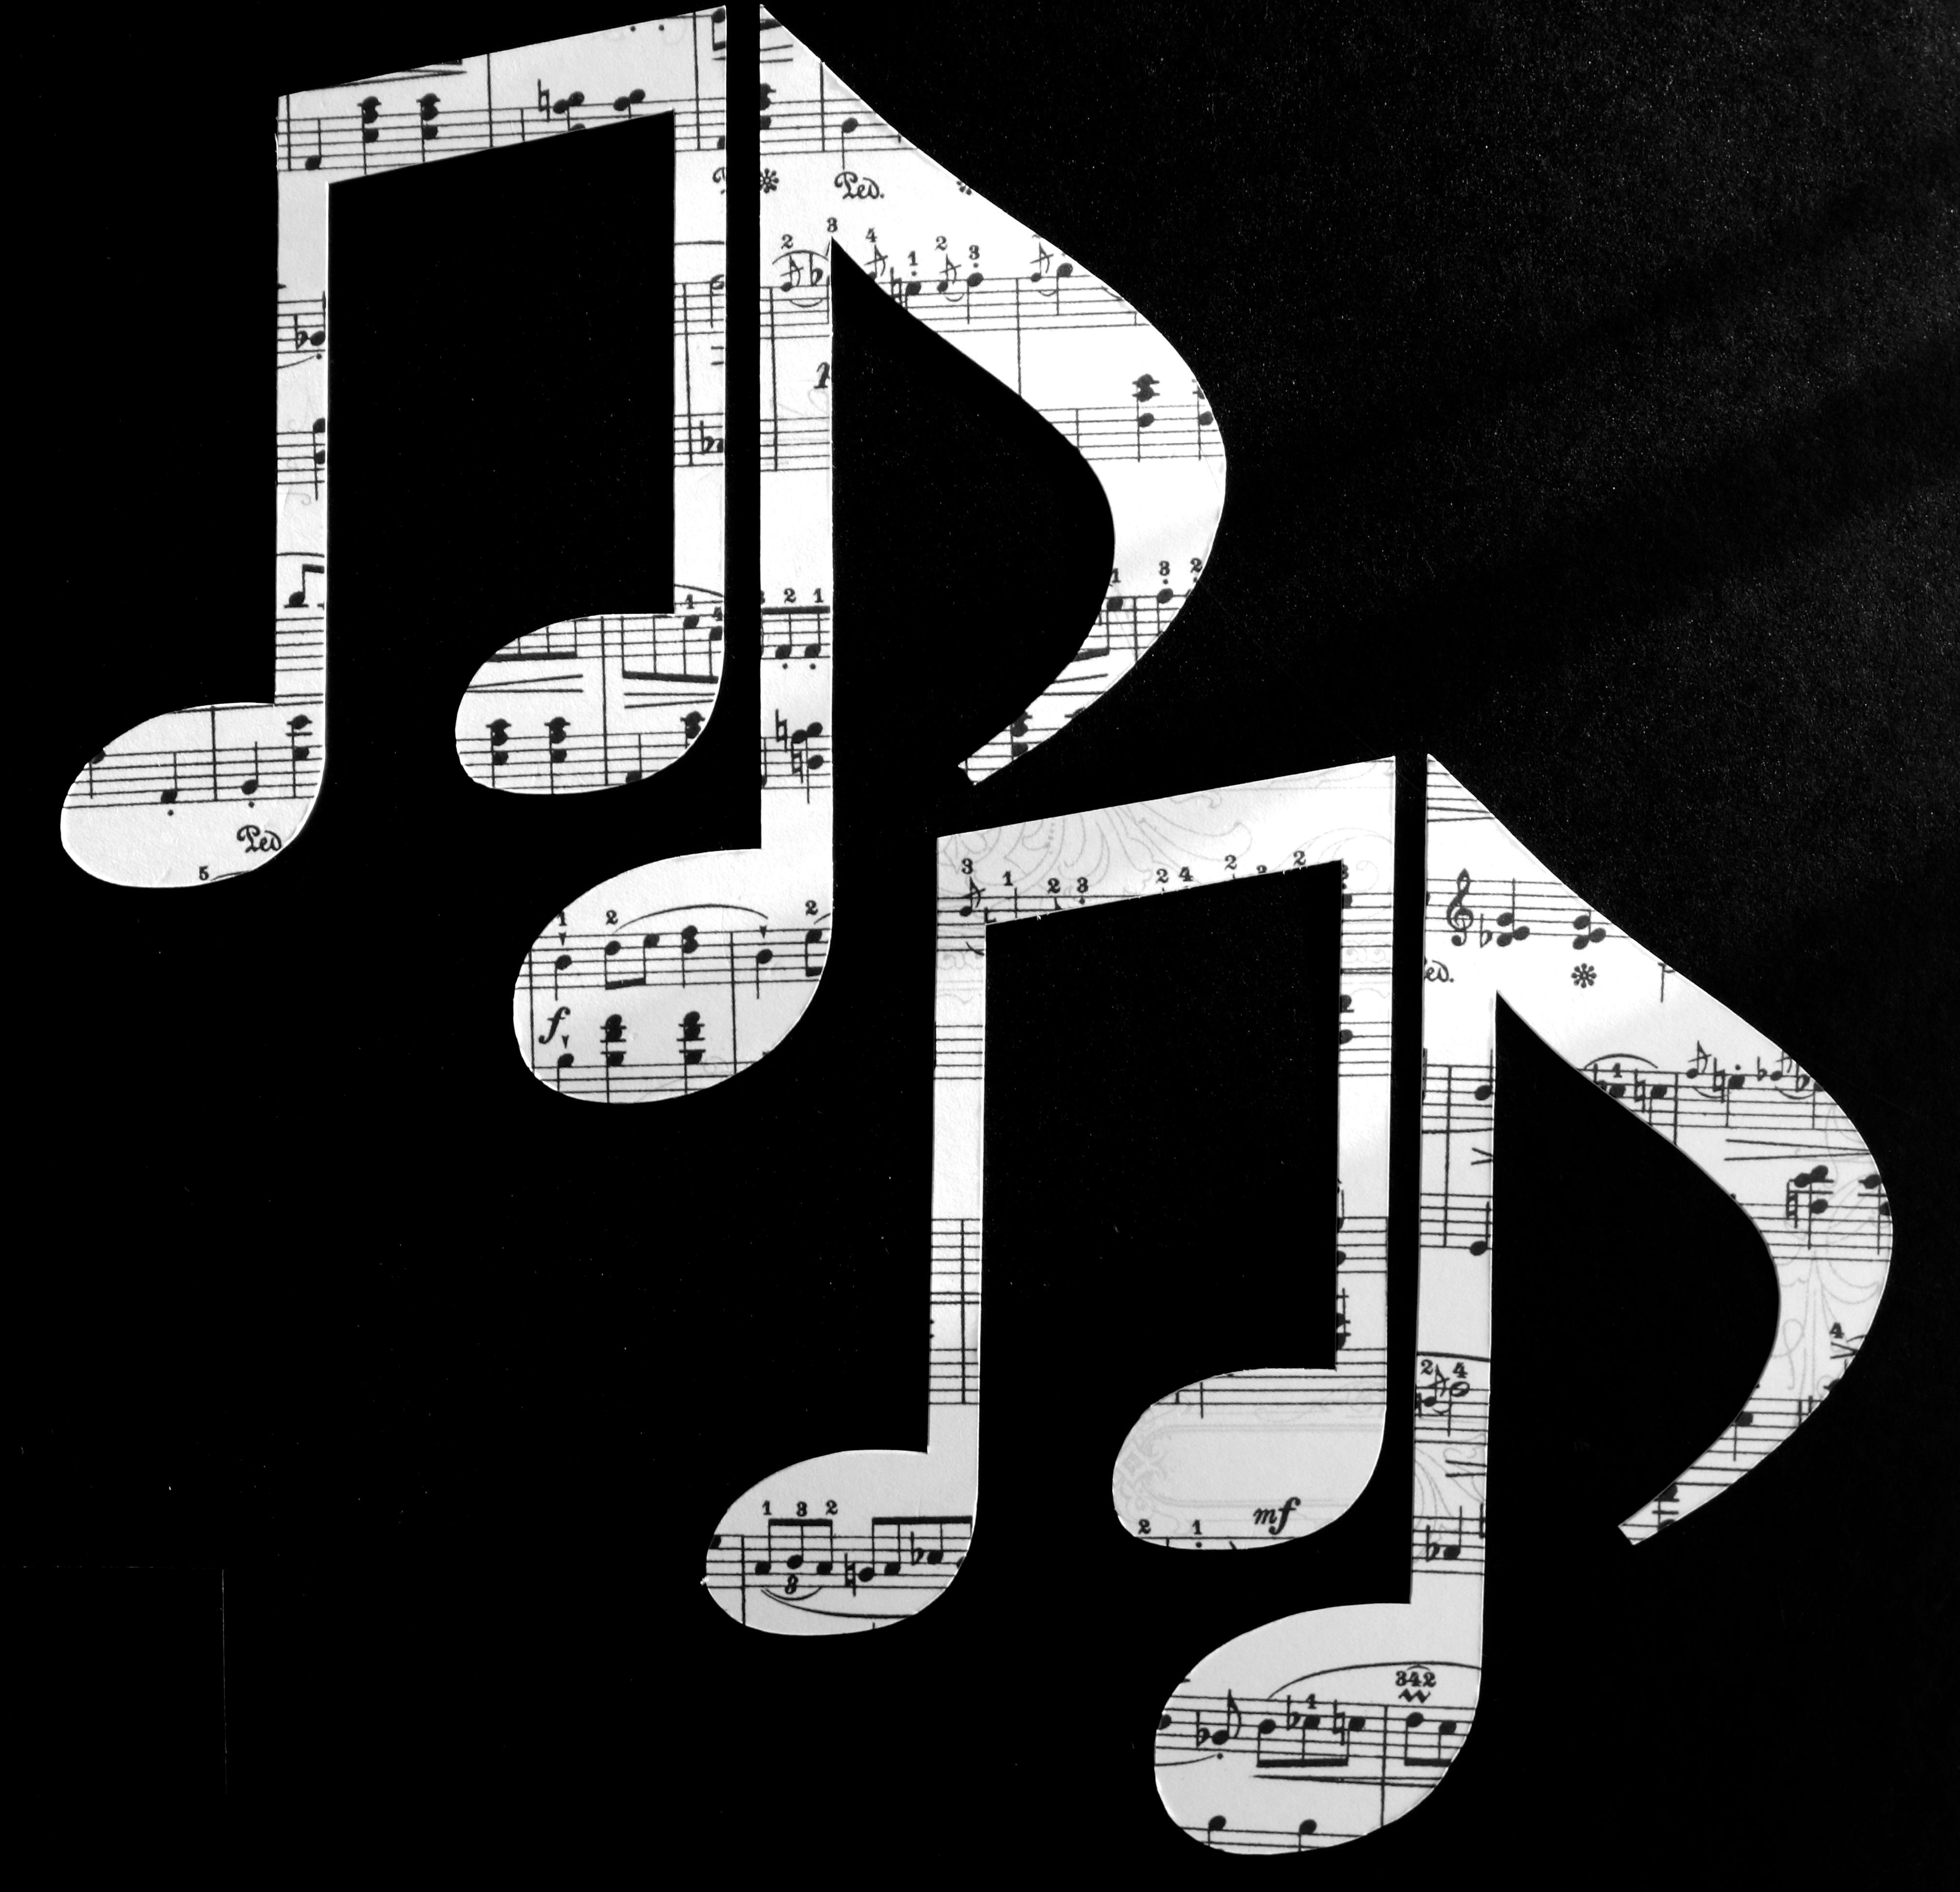 Fotoğraf Siyah Ve Beyaz Numara Müzik Aleti Nota Yazı Tipi